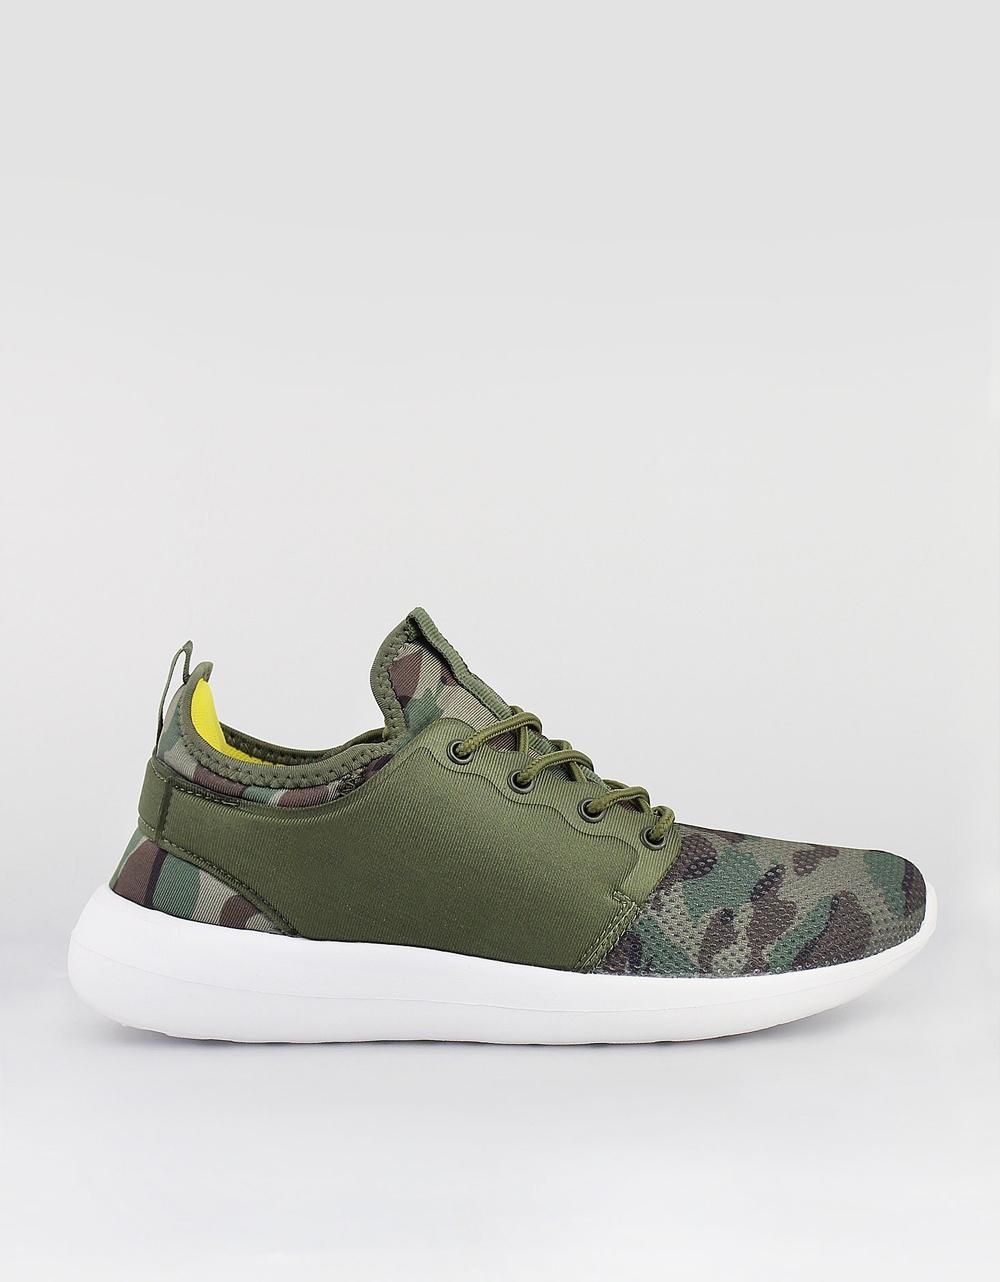 Εικόνα από Ανδρικά sneakers με διακοσμητικό ύφασμα Παραλλαγής